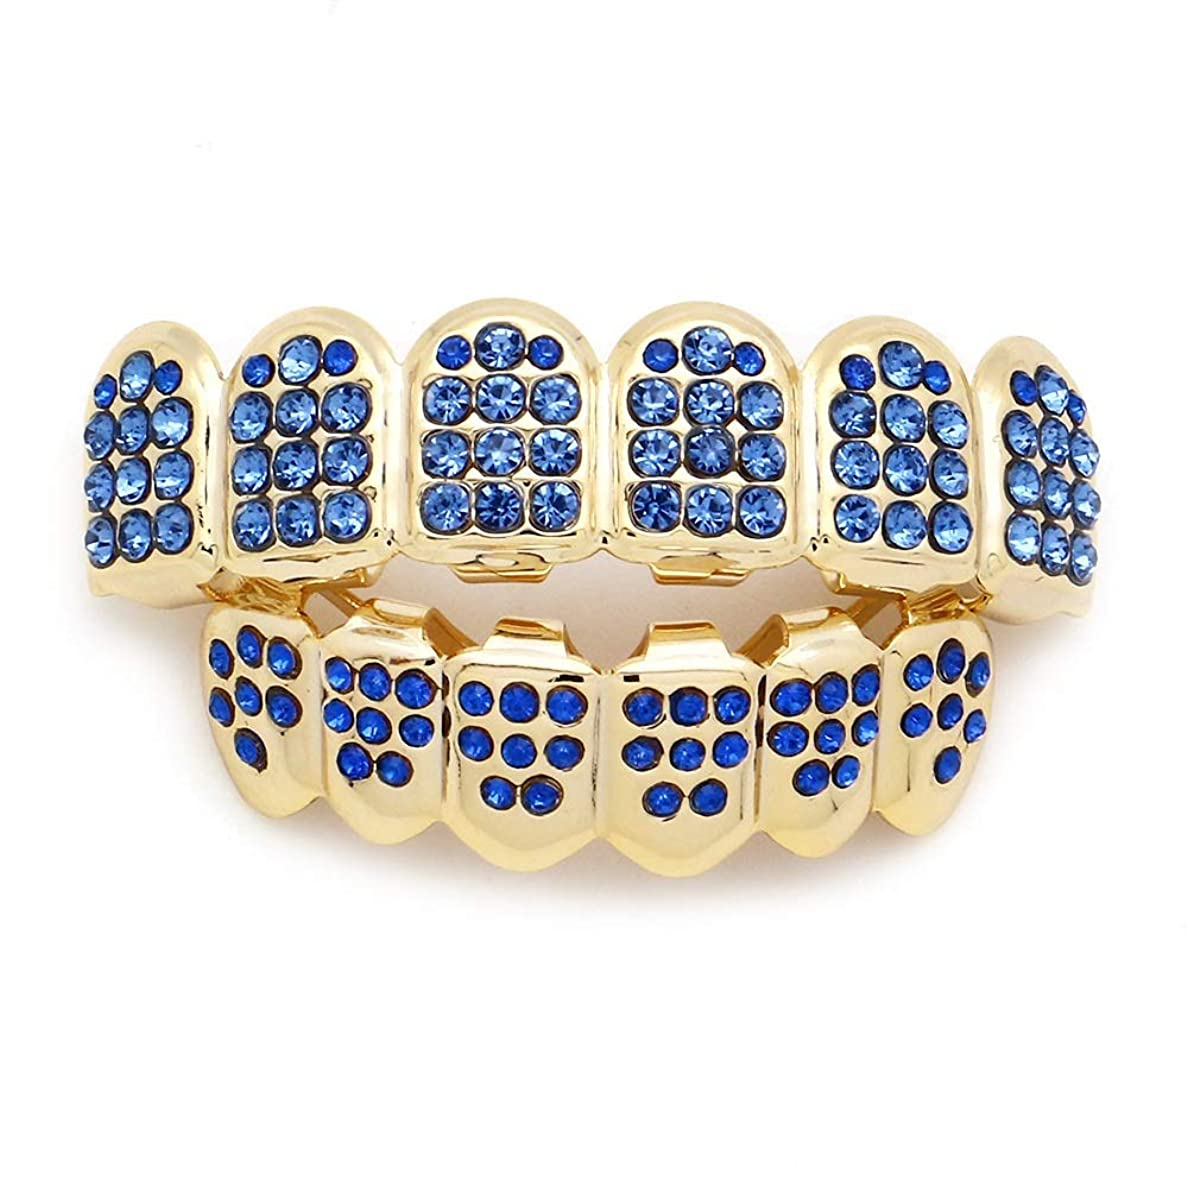 誤肉腫陪審ダイヤモンドゴールドプレートHIPHOPティースキャップ、ヨーロッパ系アメリカ人INS最もホットなゴールド&ブラック&シルバー歯ブレース口の歯 (Color : Blue)